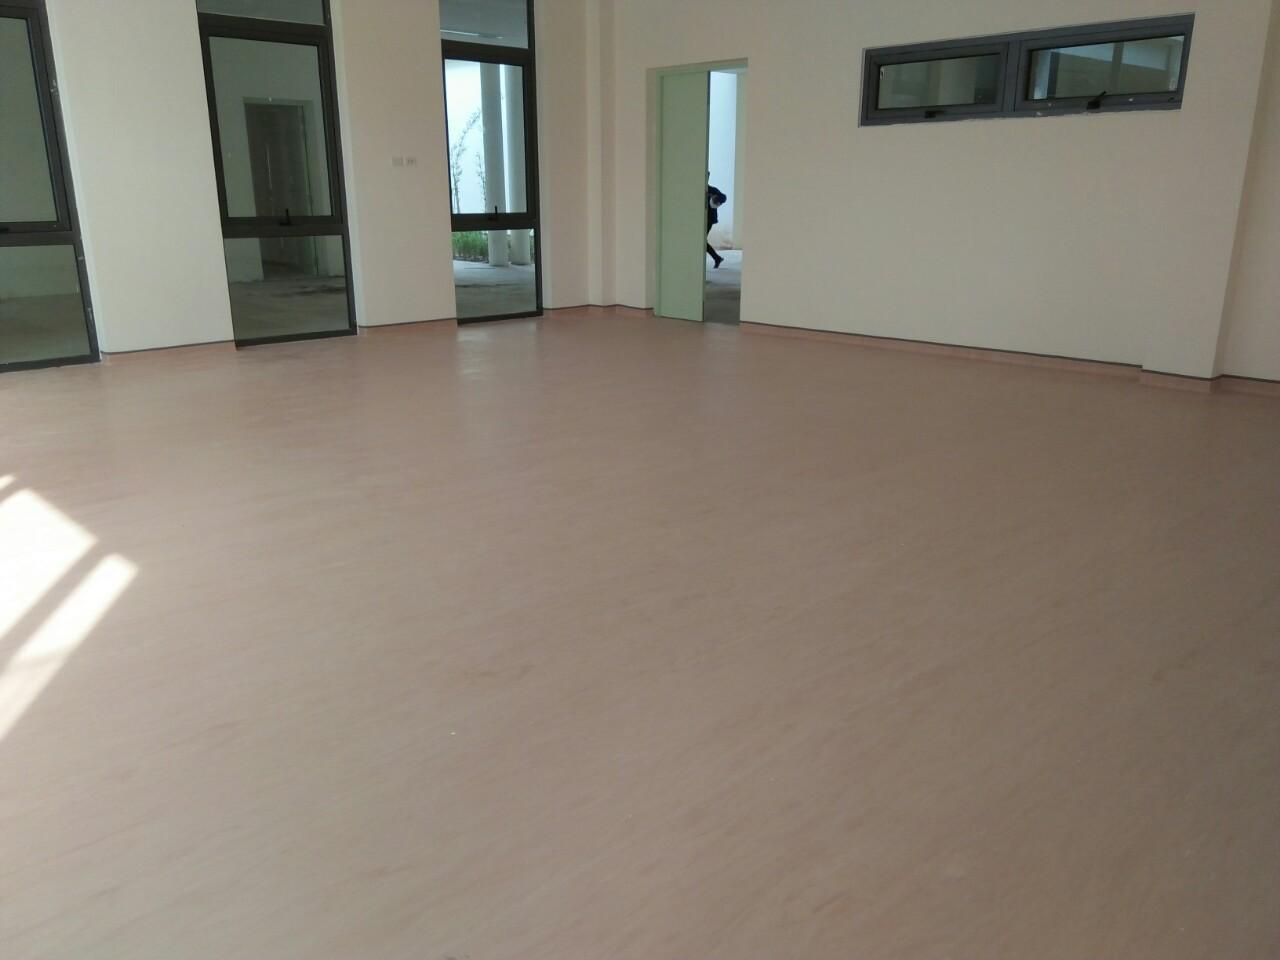 Phòng học sử dụng sàn vinyl đồng nhất gerflor .